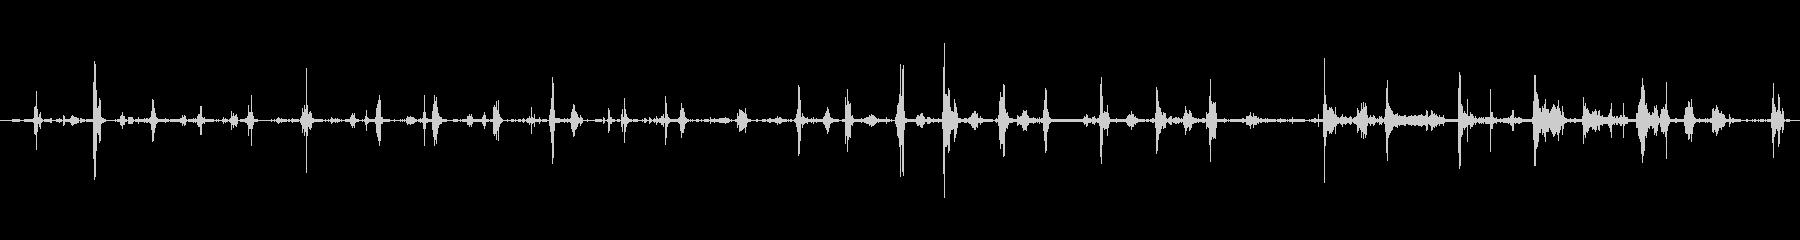 ショールスノーウィズメタルショベル...の未再生の波形